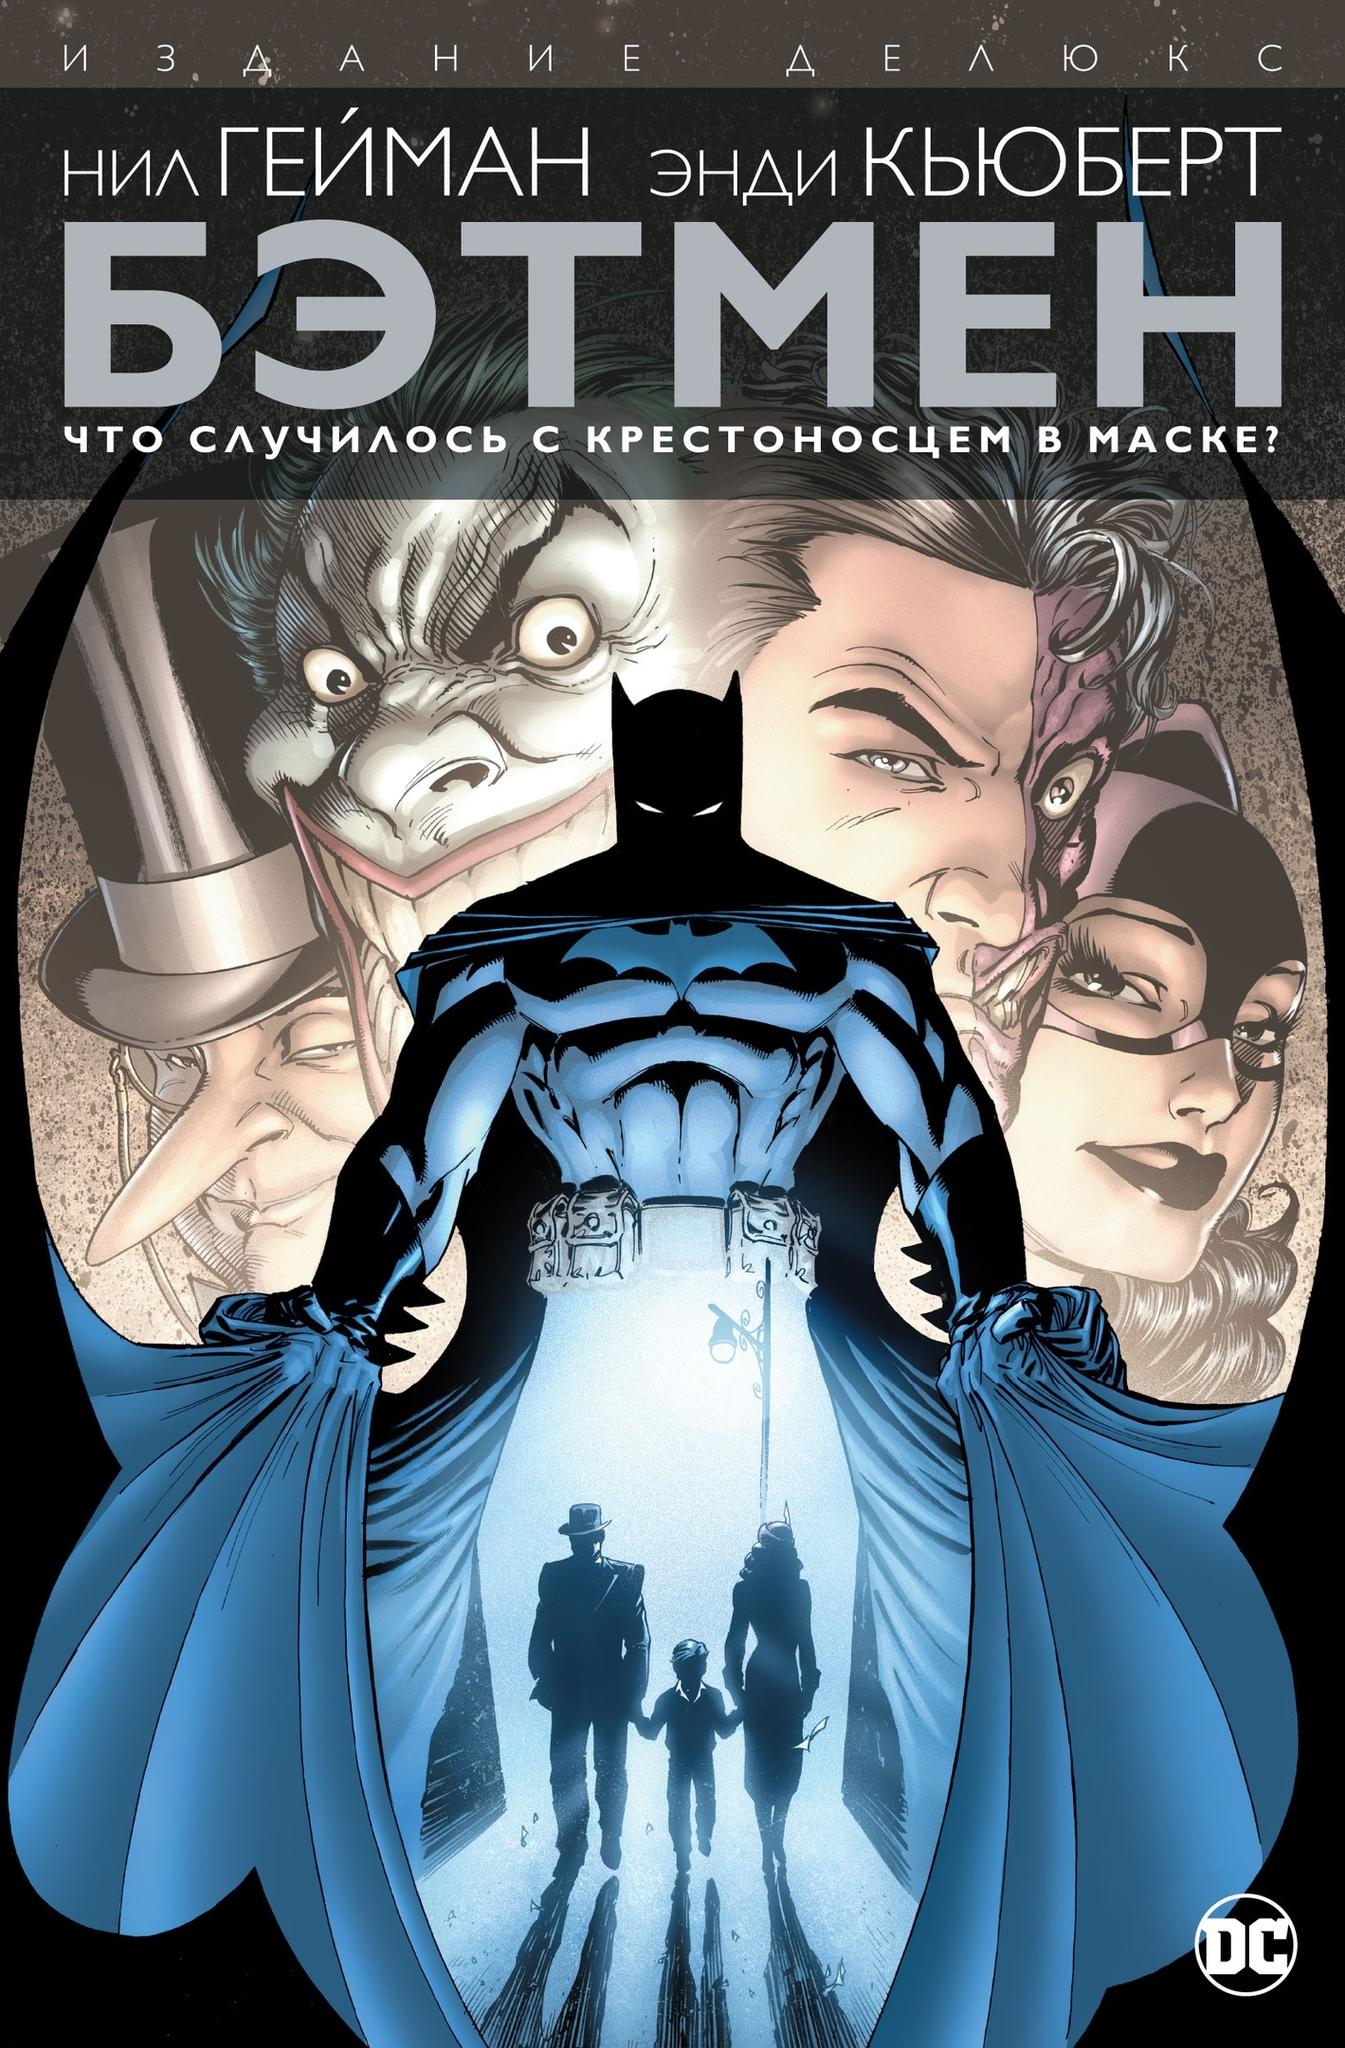 Бэтмен. Что случилось с Крестоносцем в Маске? (Твердый переплет)